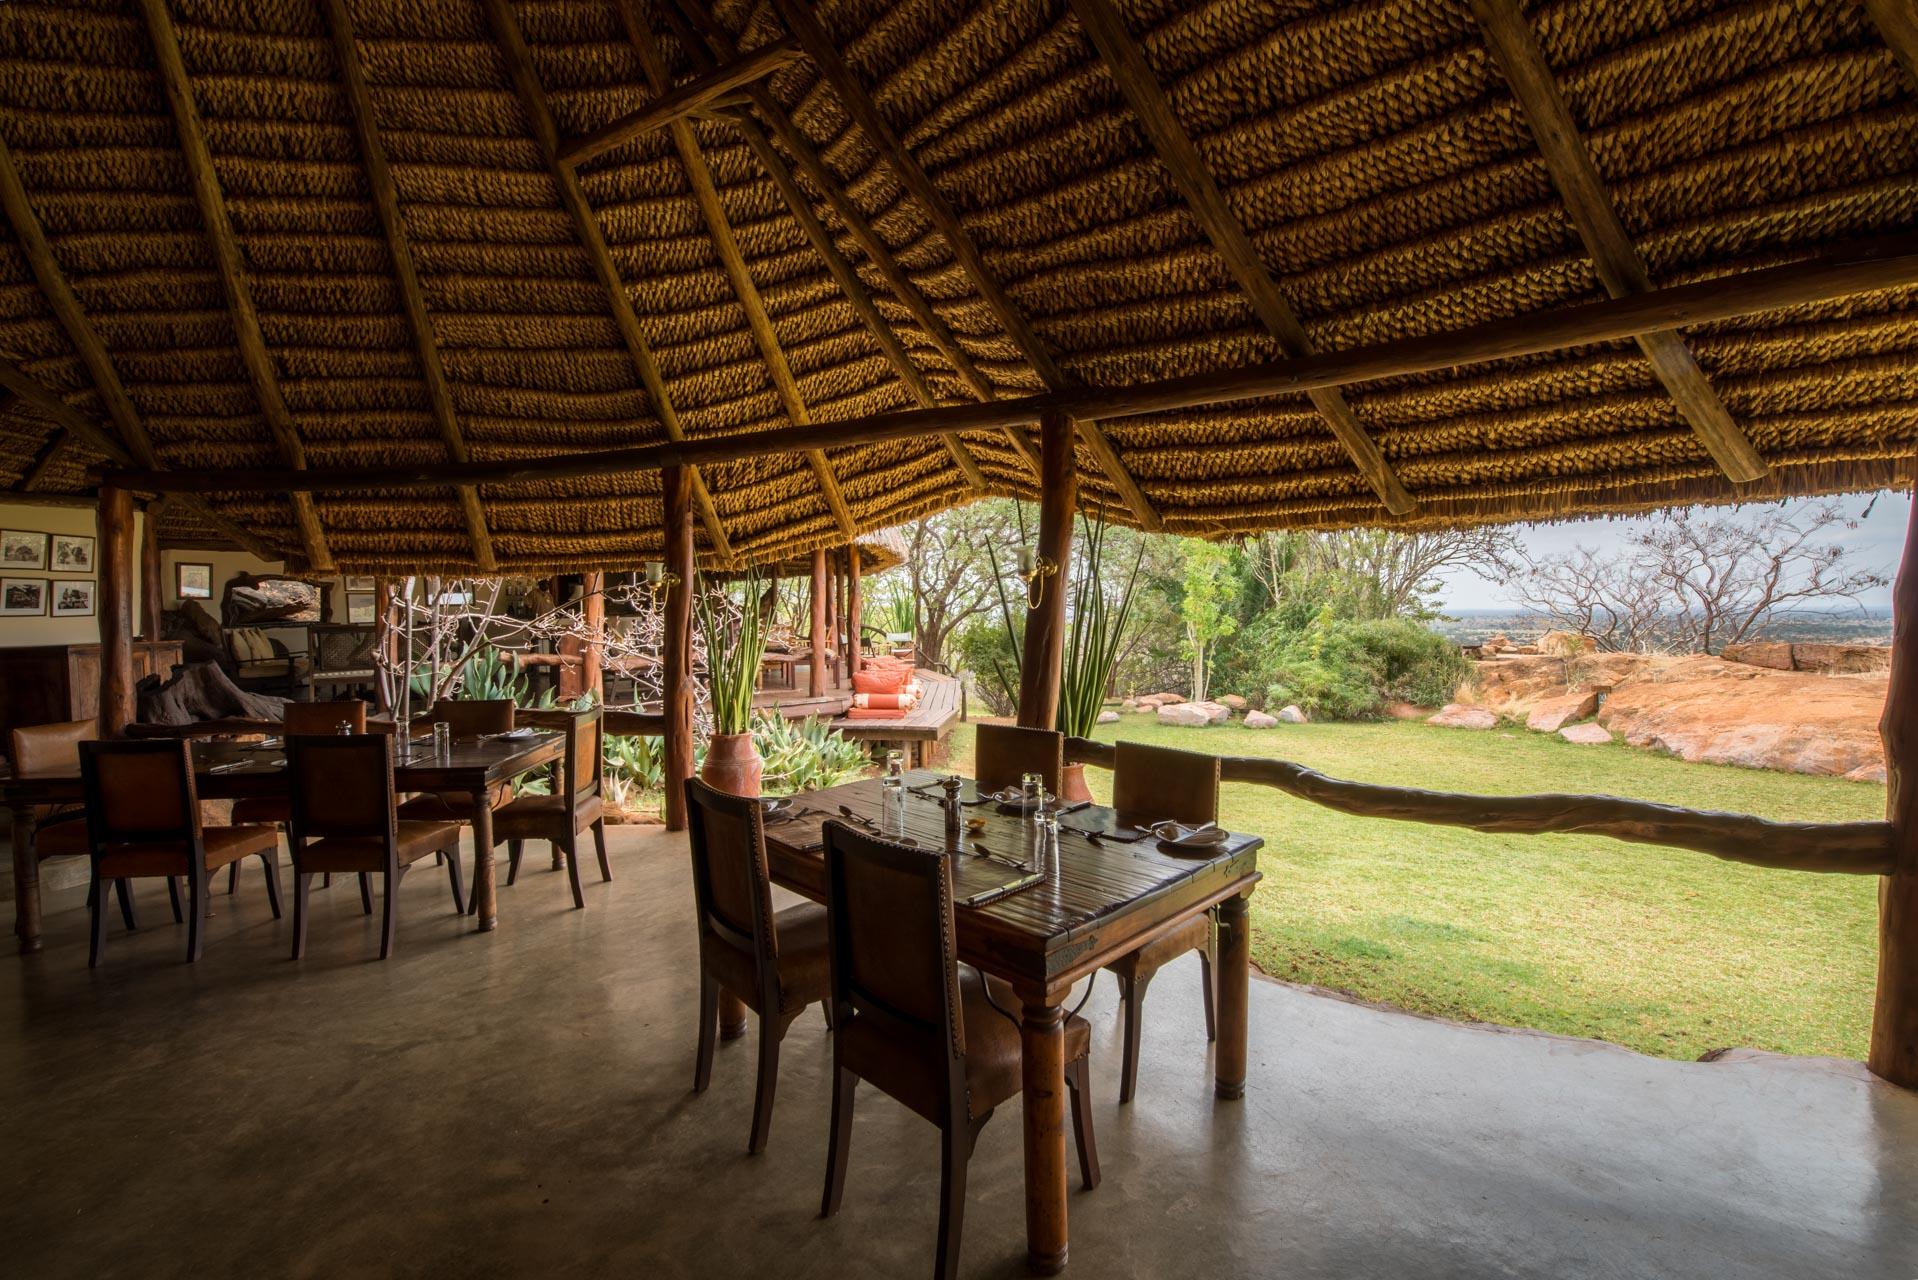 Meru-Nationalpark-Brettle_Globetrotter-Select7